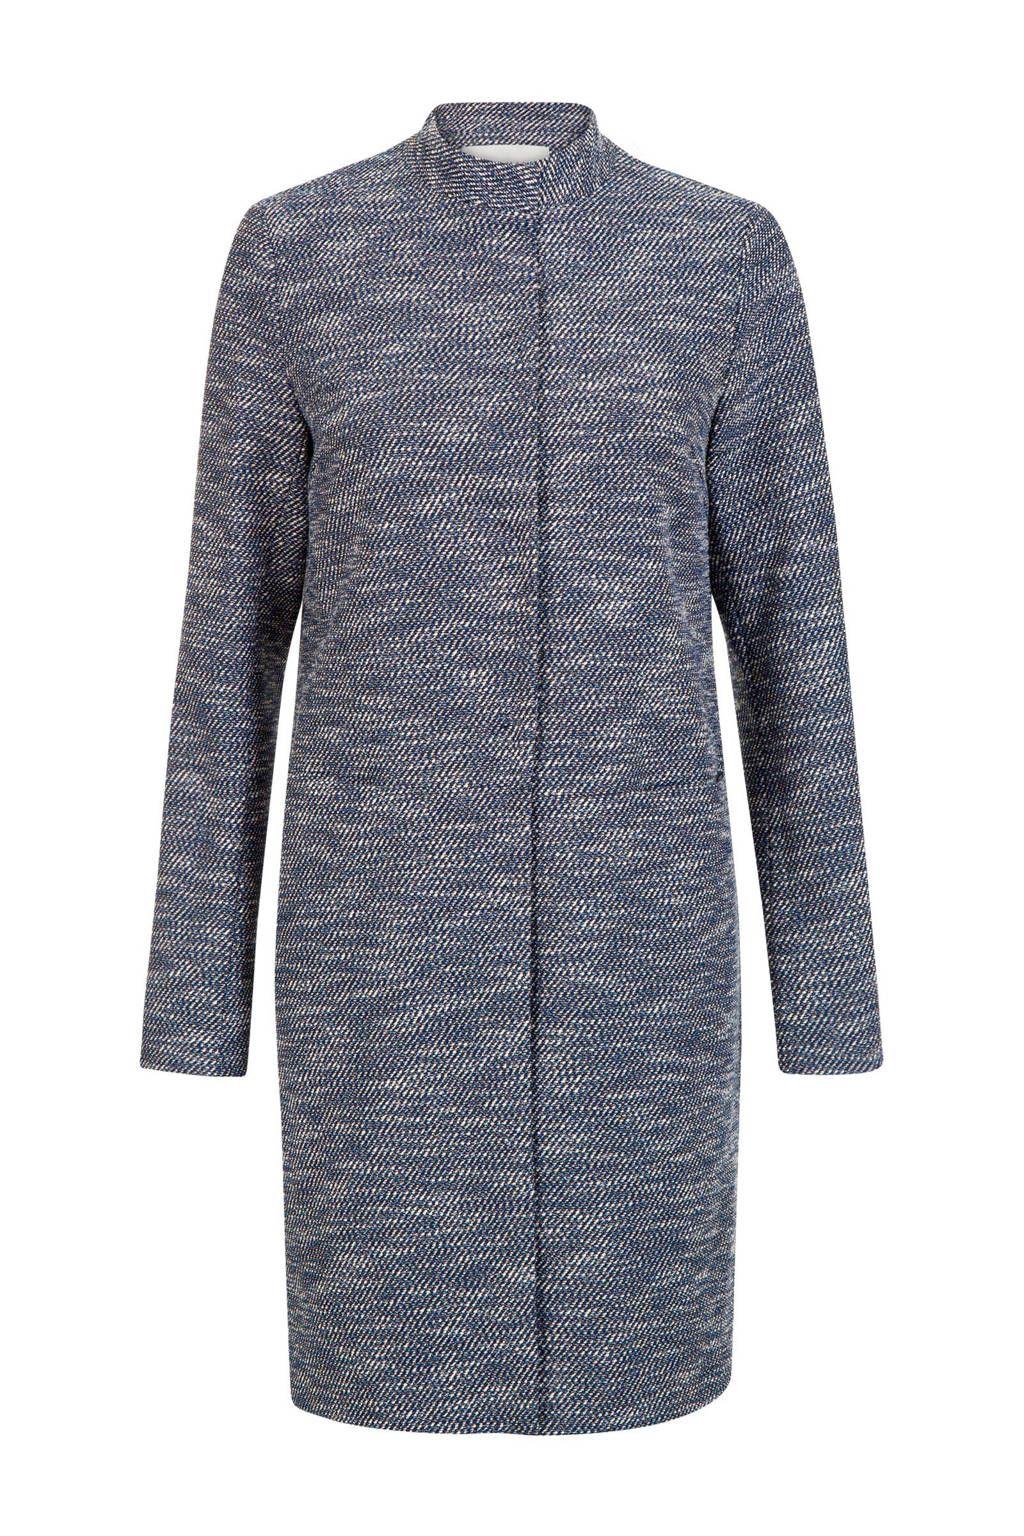 Gemêleerde coat blauw (met afbeeldingen)   Zakelijke outfits